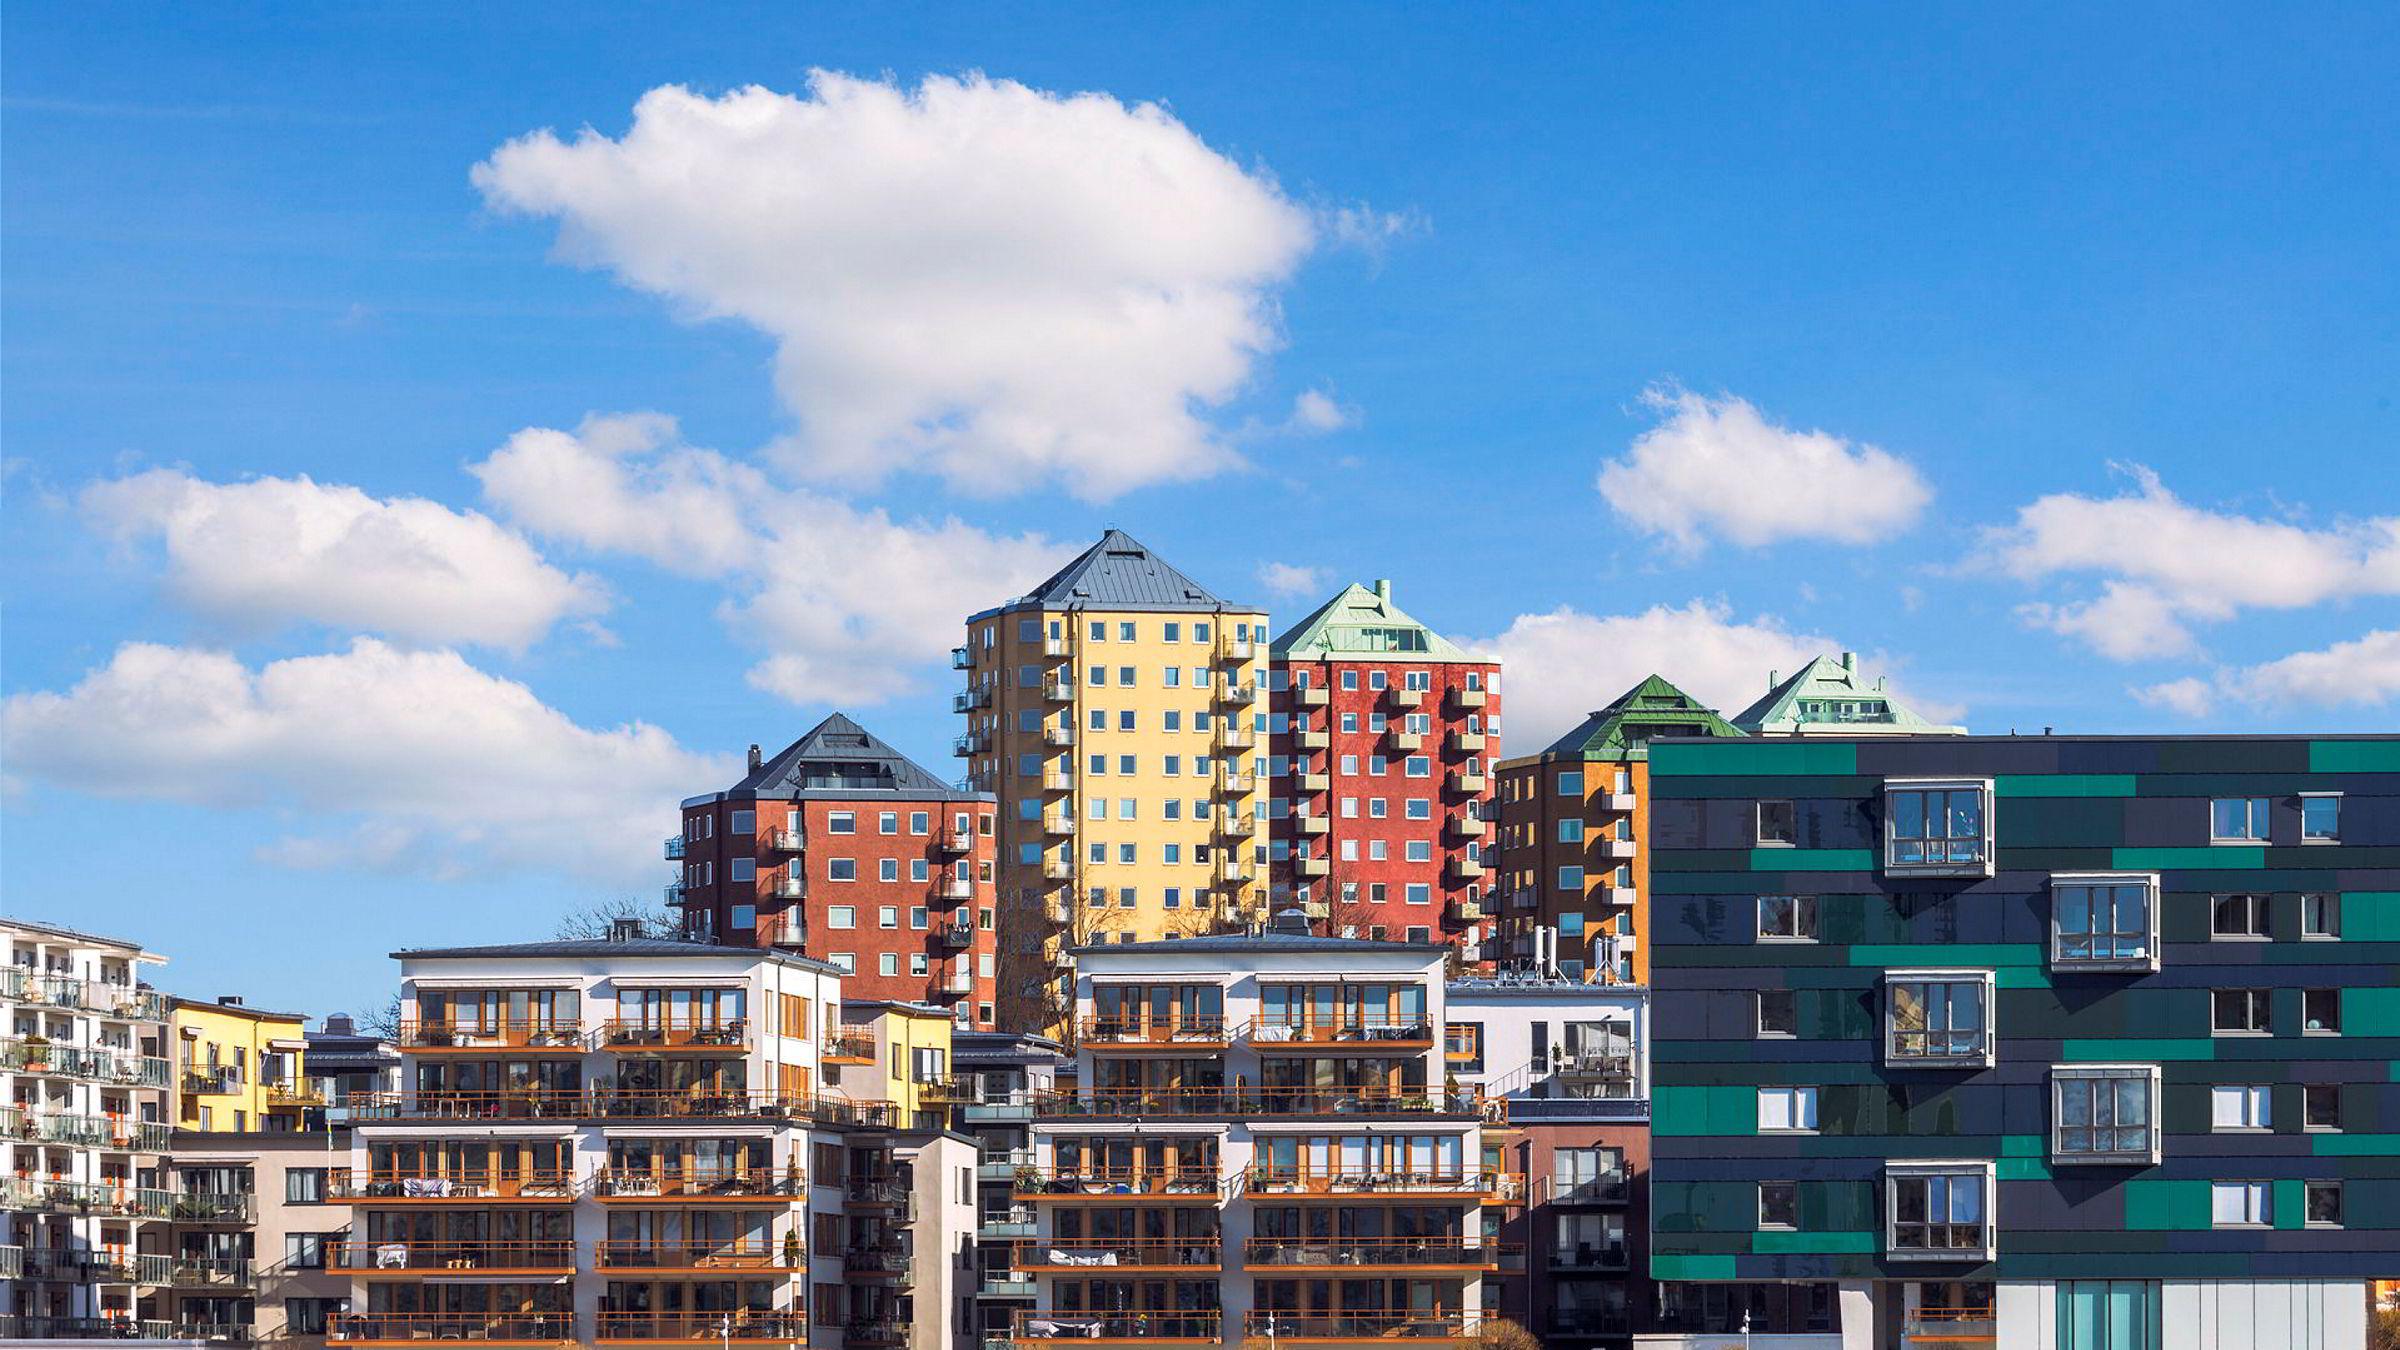 Svenske usikrede eiendomsobligasjoner er ganske likt strukturert som de norske offshore forsyningsskip-obligasjonene (OSV) – de som er blitt restrukturert – og med nedkjølingen innen dyre leiligheter i Stockholm fulgte også usikkerheten og et moderat kursfall.